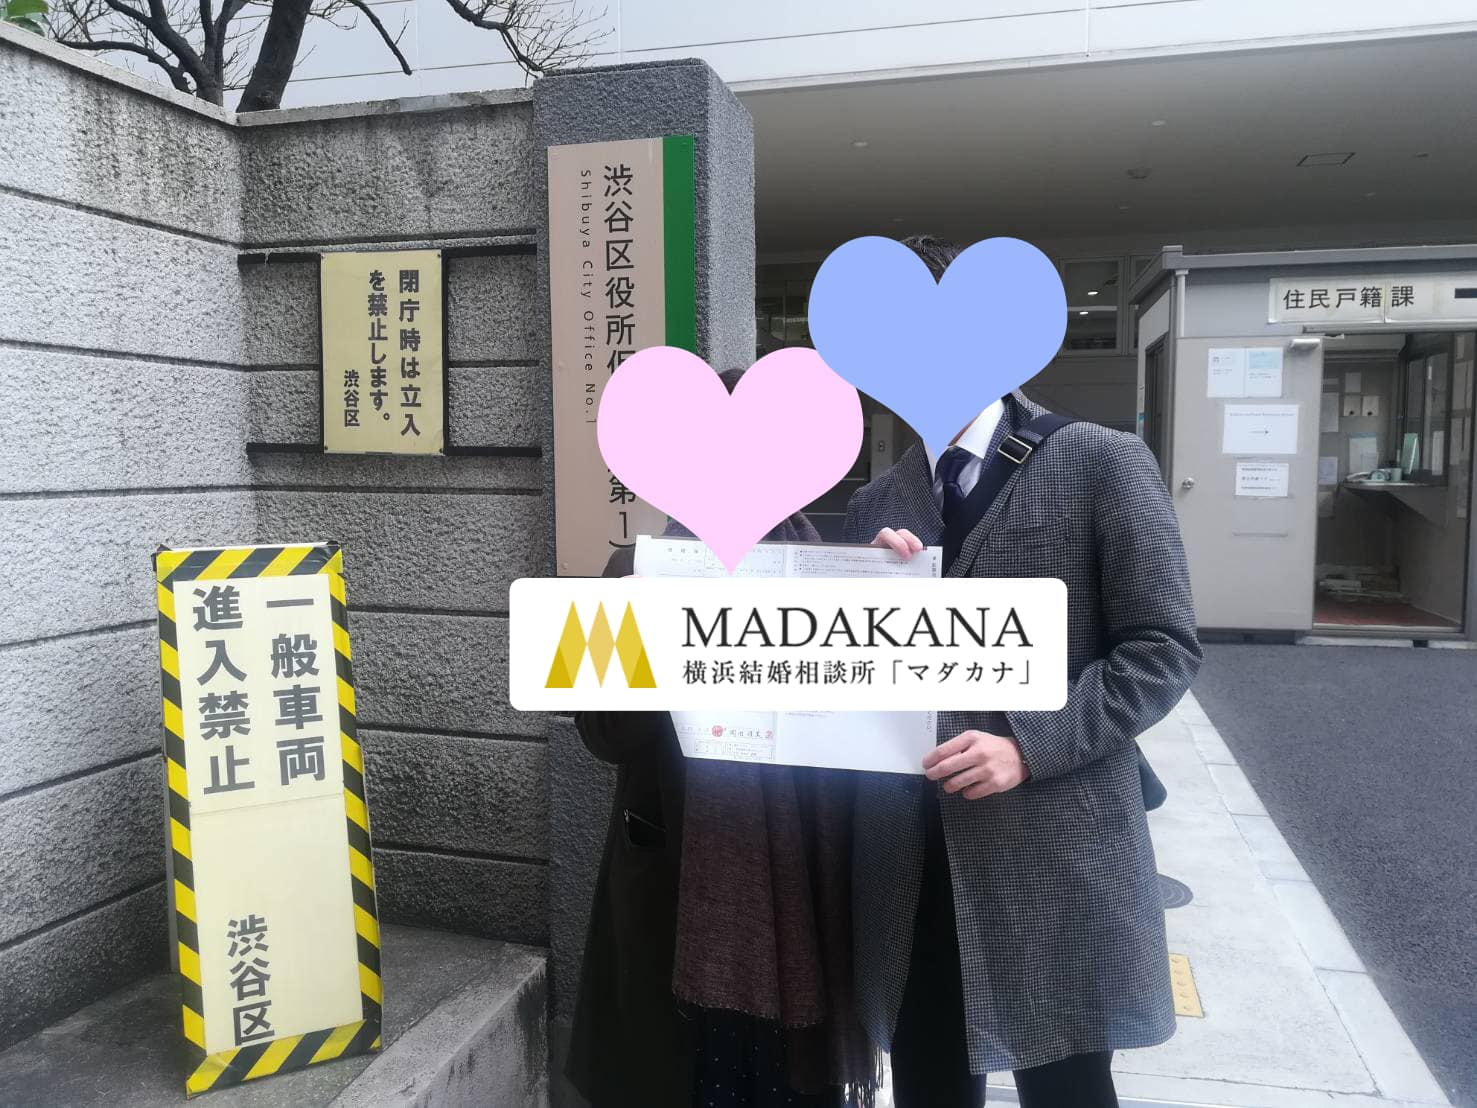 11/22の「いい夫婦の日」に入籍をはたした33歳の婚活を振返る